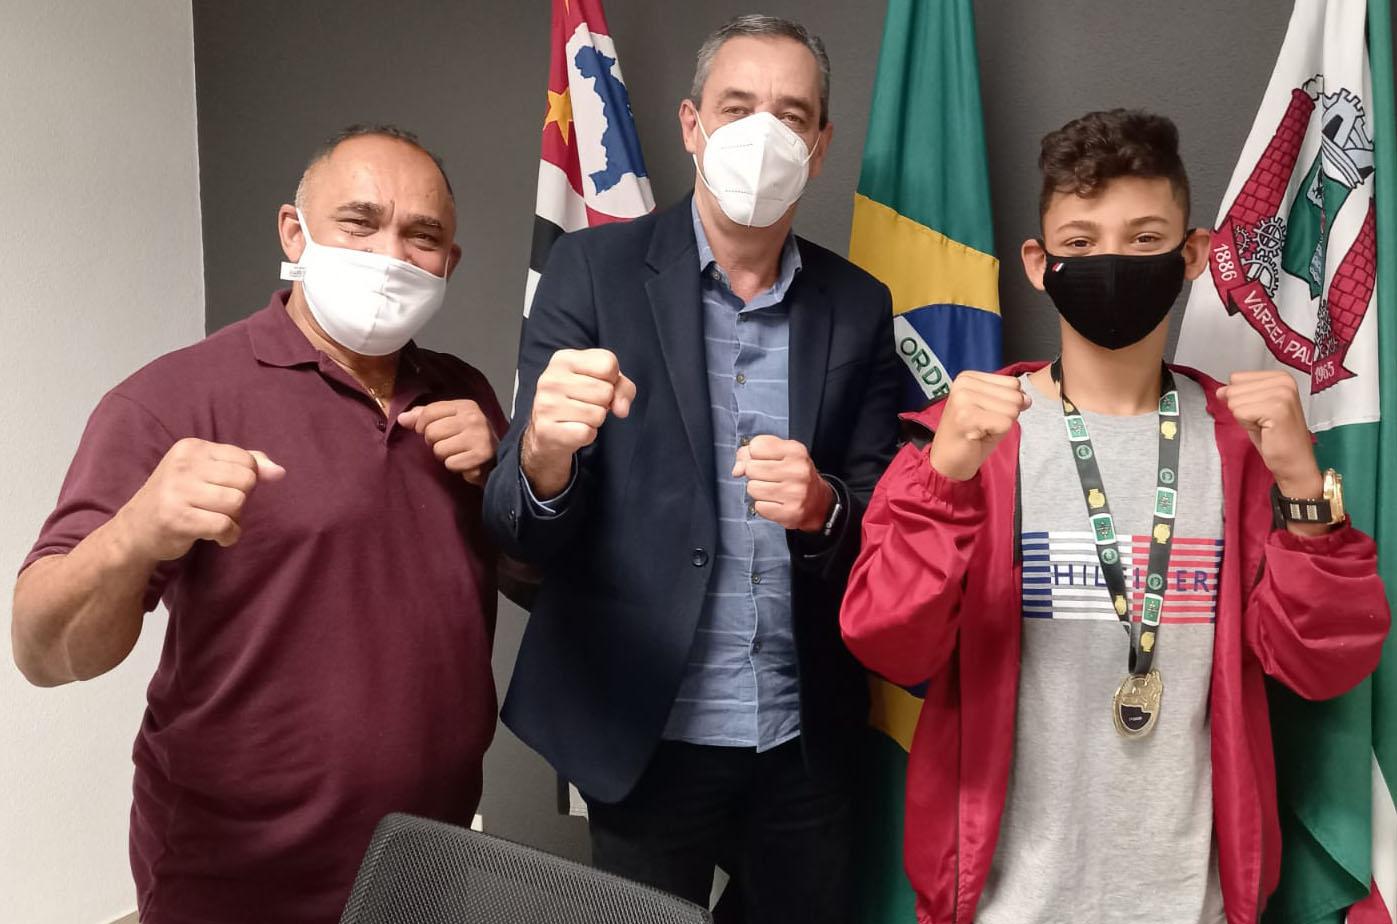 Breno de Oliveira Soares é convocado para a seleção brasileira de Kickboxing